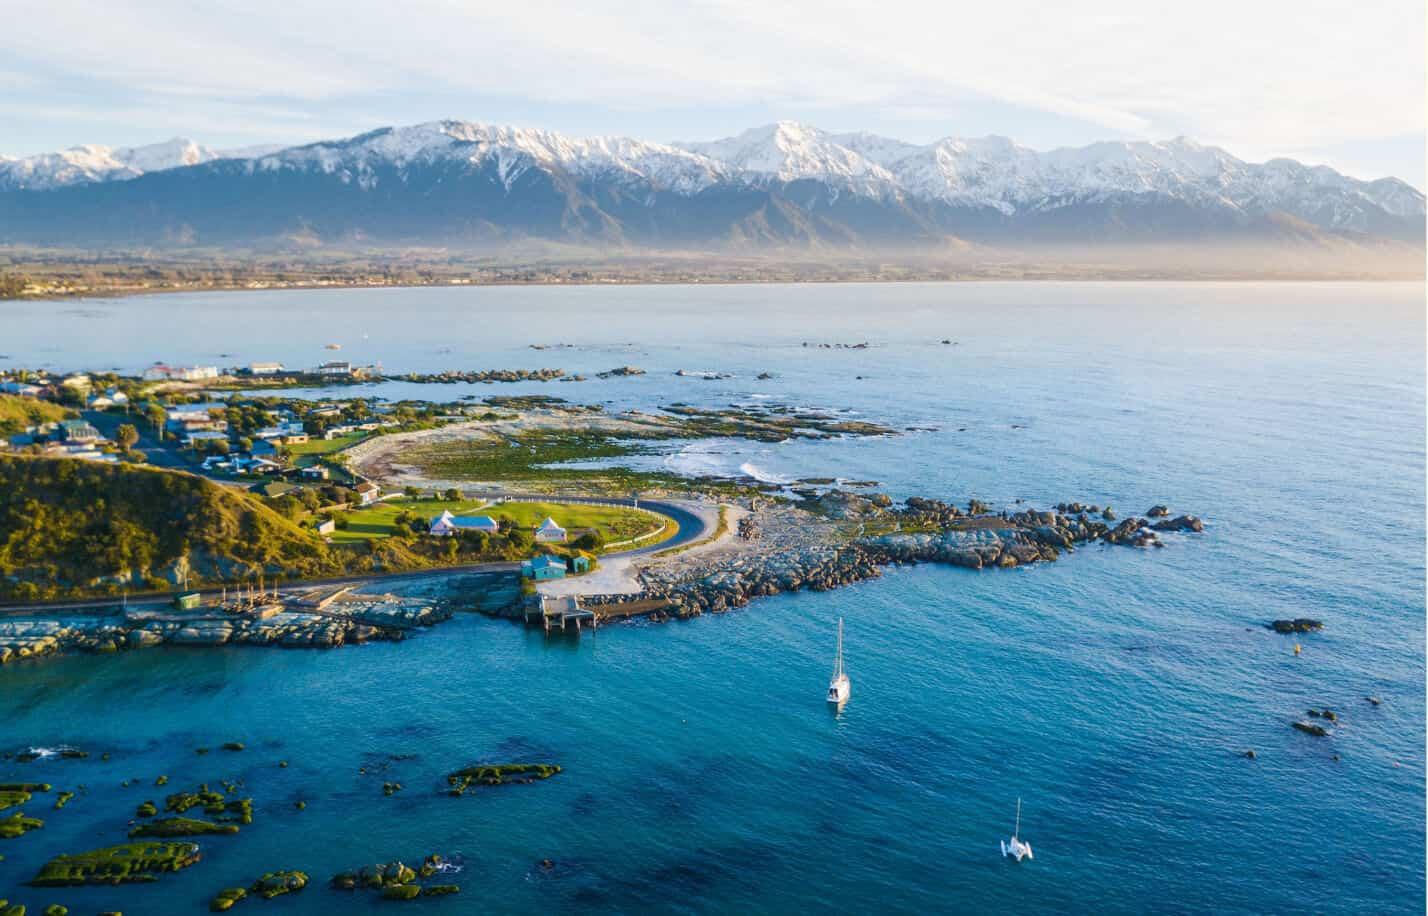 4. Bờ biển Kaikoura, New Zealand: Đường bờ biển Kaikoura tại một trong những đất nước đáng sống nhất thế giới thu hút các tín đồ ưa xê dịch với hành trình tự lái dài hơn 350 km. Thiên nhiên tươi đẹp ở New Zealand đưa bạn đến khám phá nét riêng nơi đây với những nhà máy rượu vang đẳng cấp thế giới, khu bảo tồn động vật hoang dã với nhiều dải núi cao hùng vĩ... Ảnh: Kaikoura.nz.